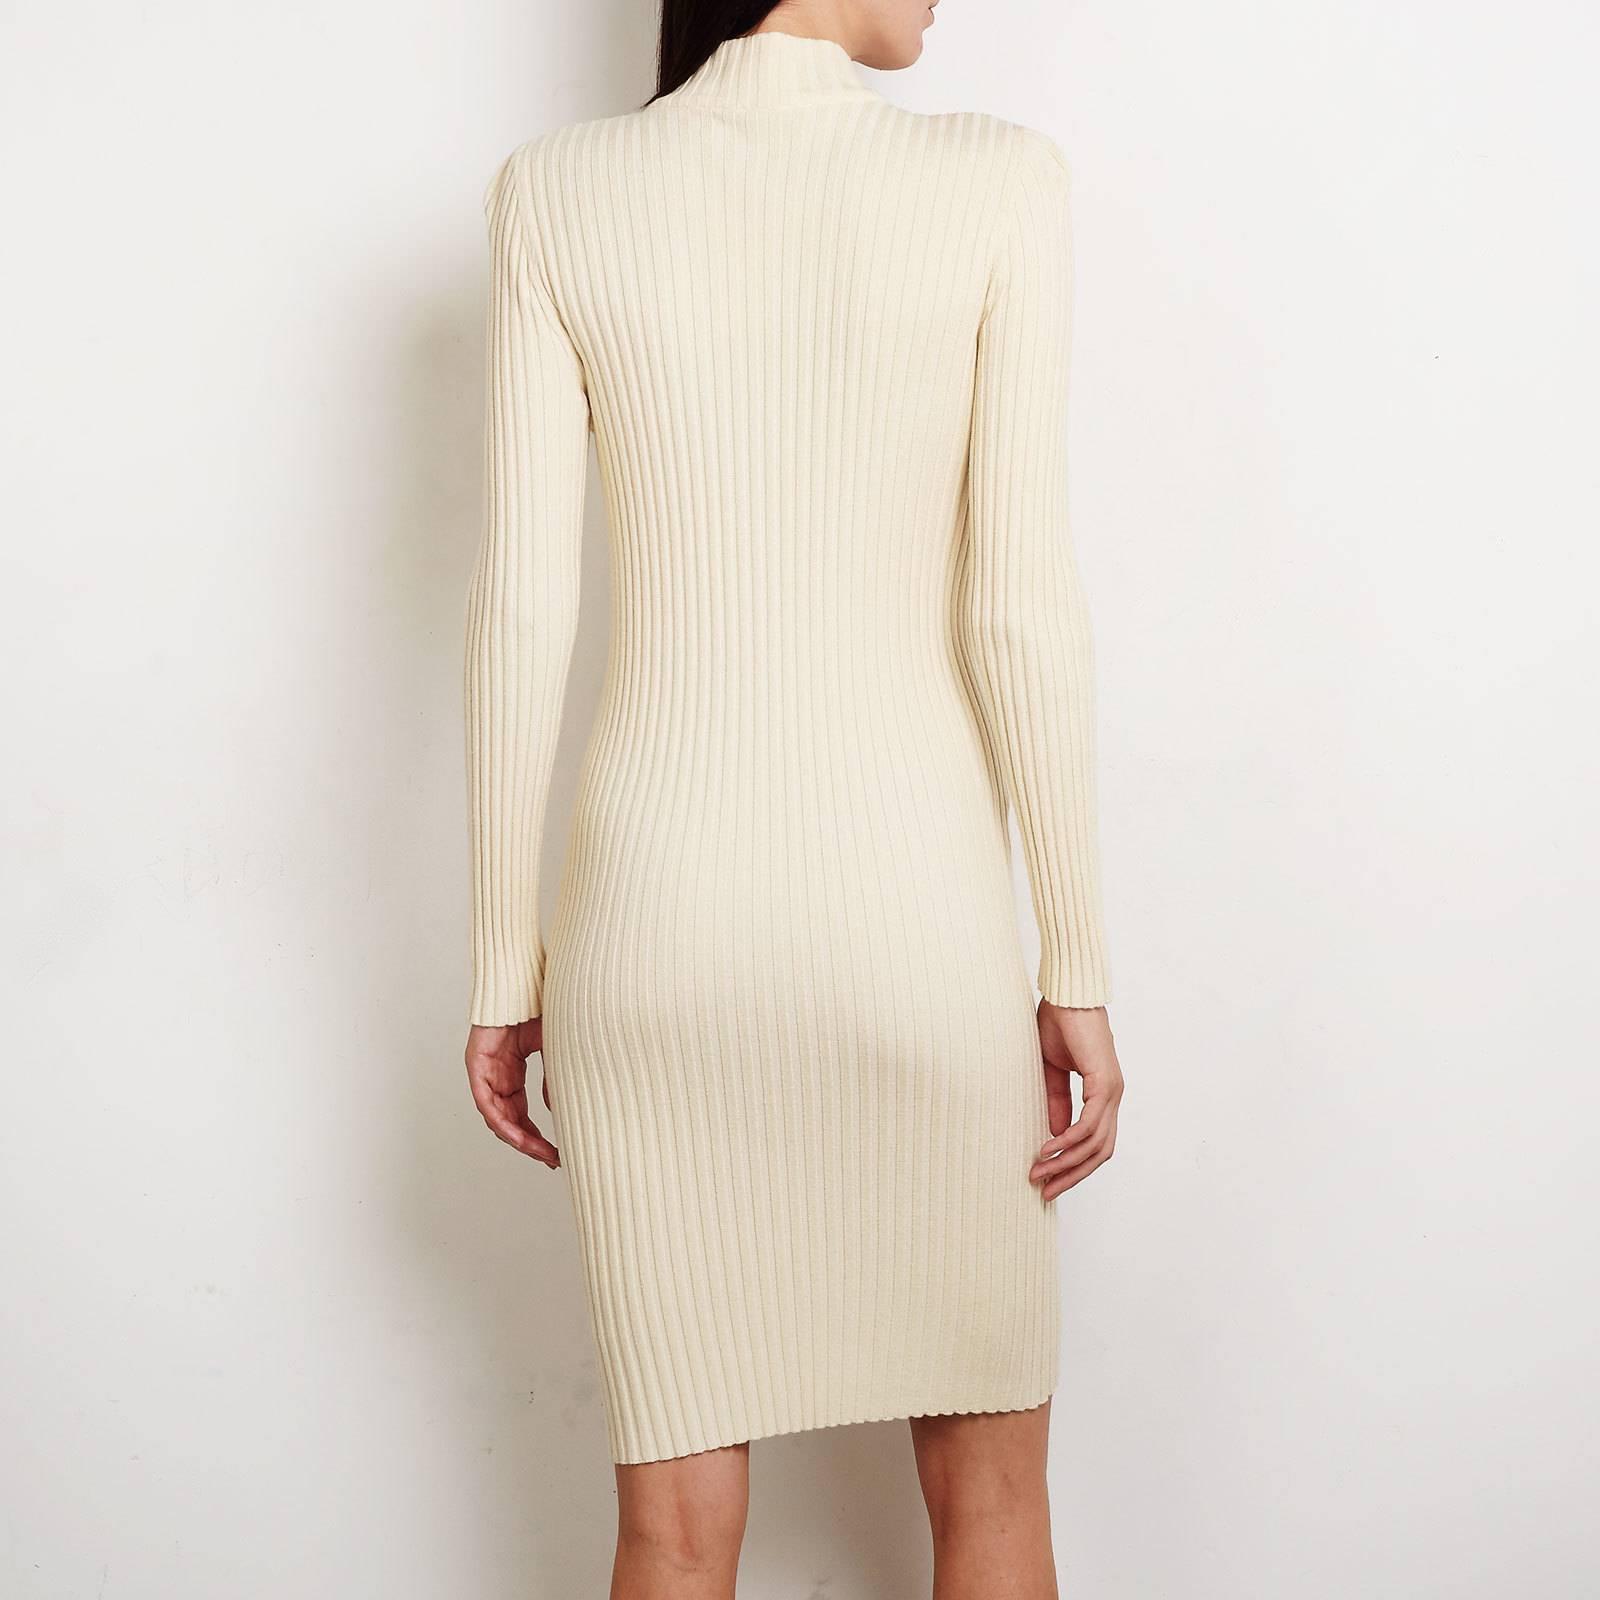 674109ae80b8258 Купить платье Wolford в Москве с доставкой по цене 7000 рублей ...